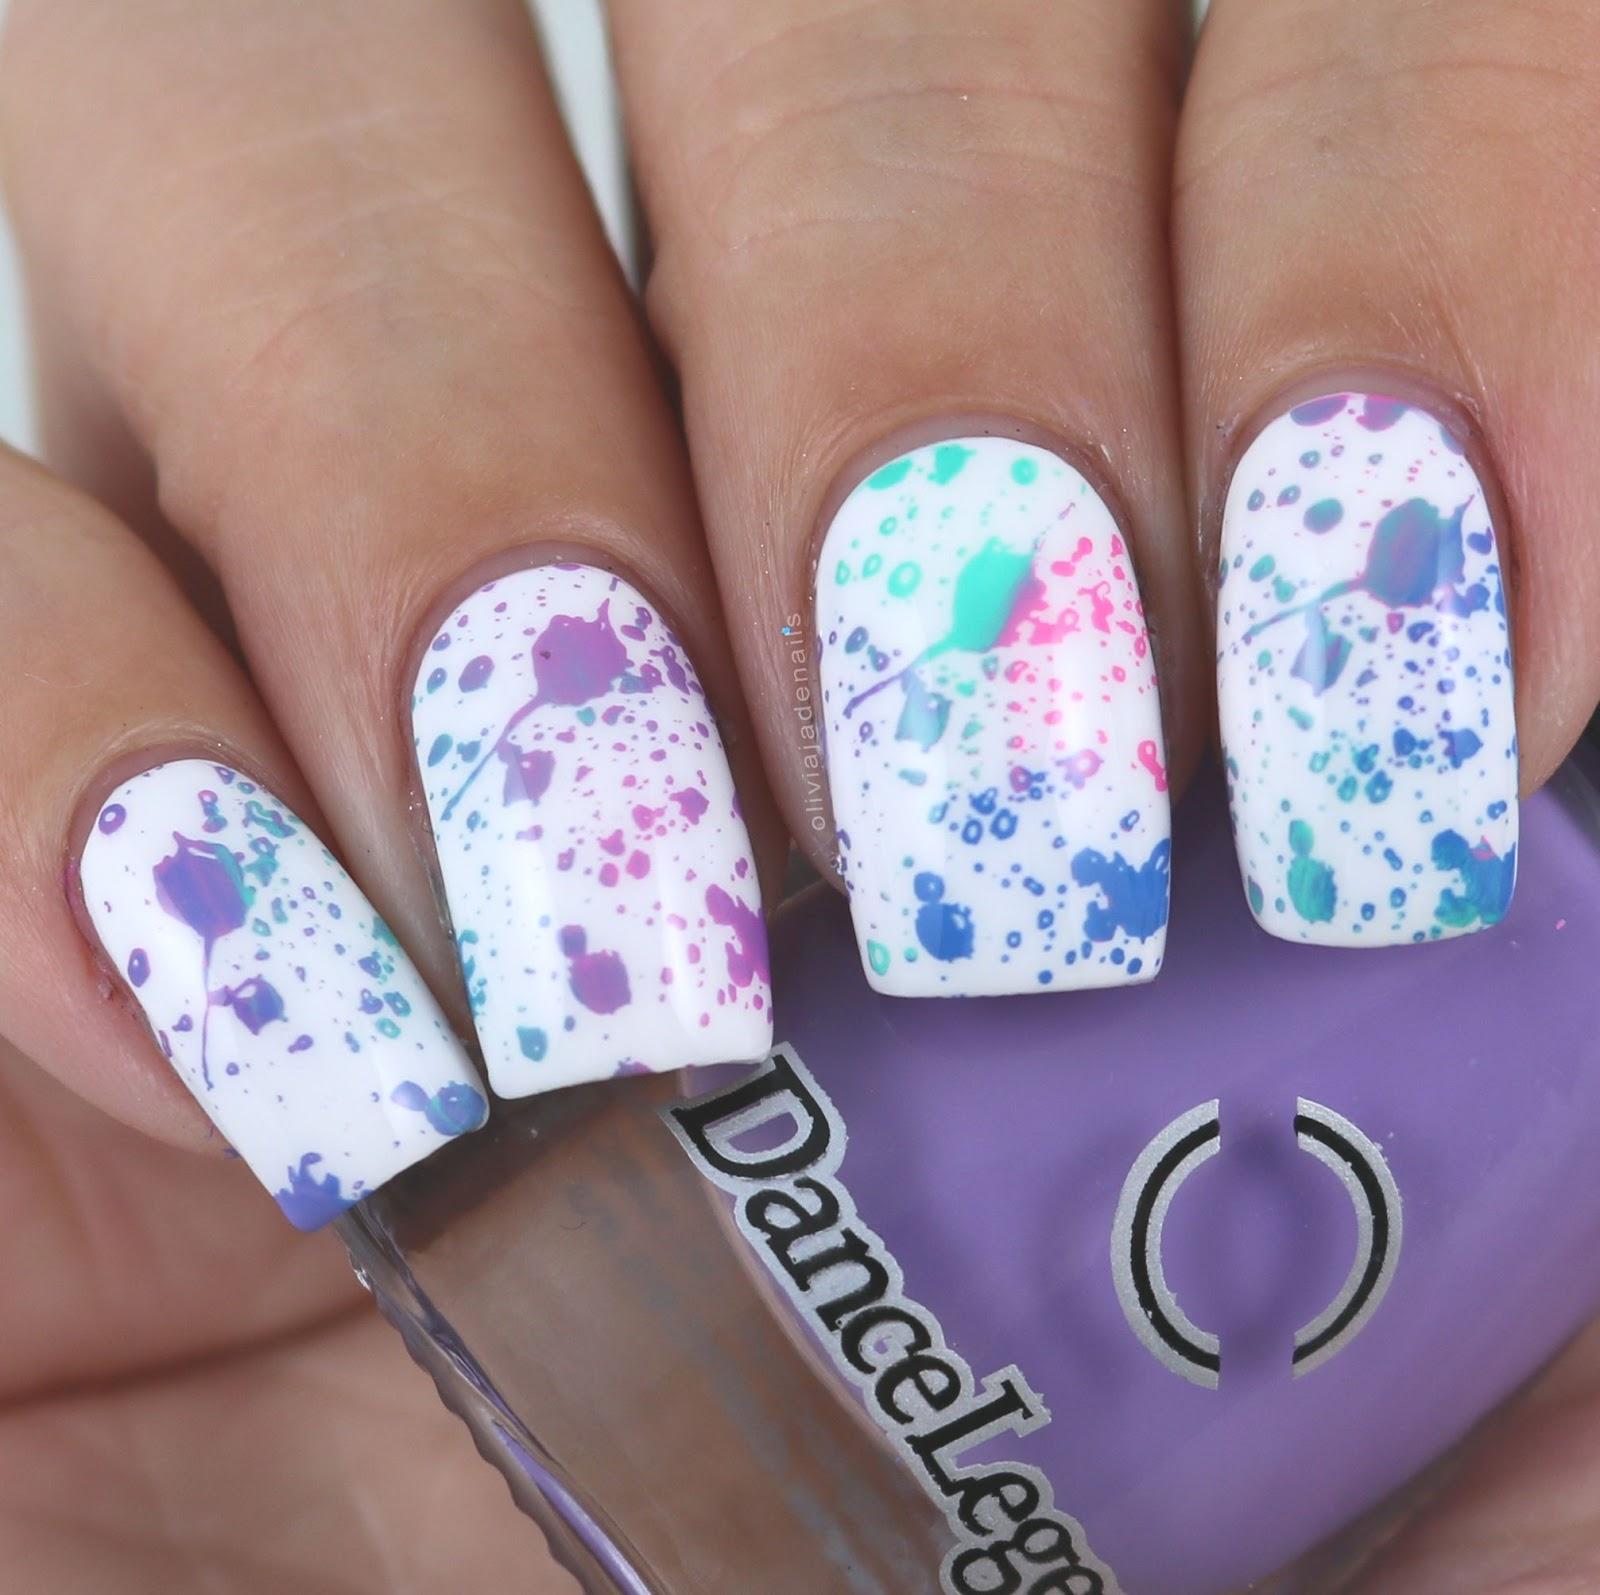 Olivia Jade Nails Lina Nail Art Supplies Make Your Mark 01 Stamping